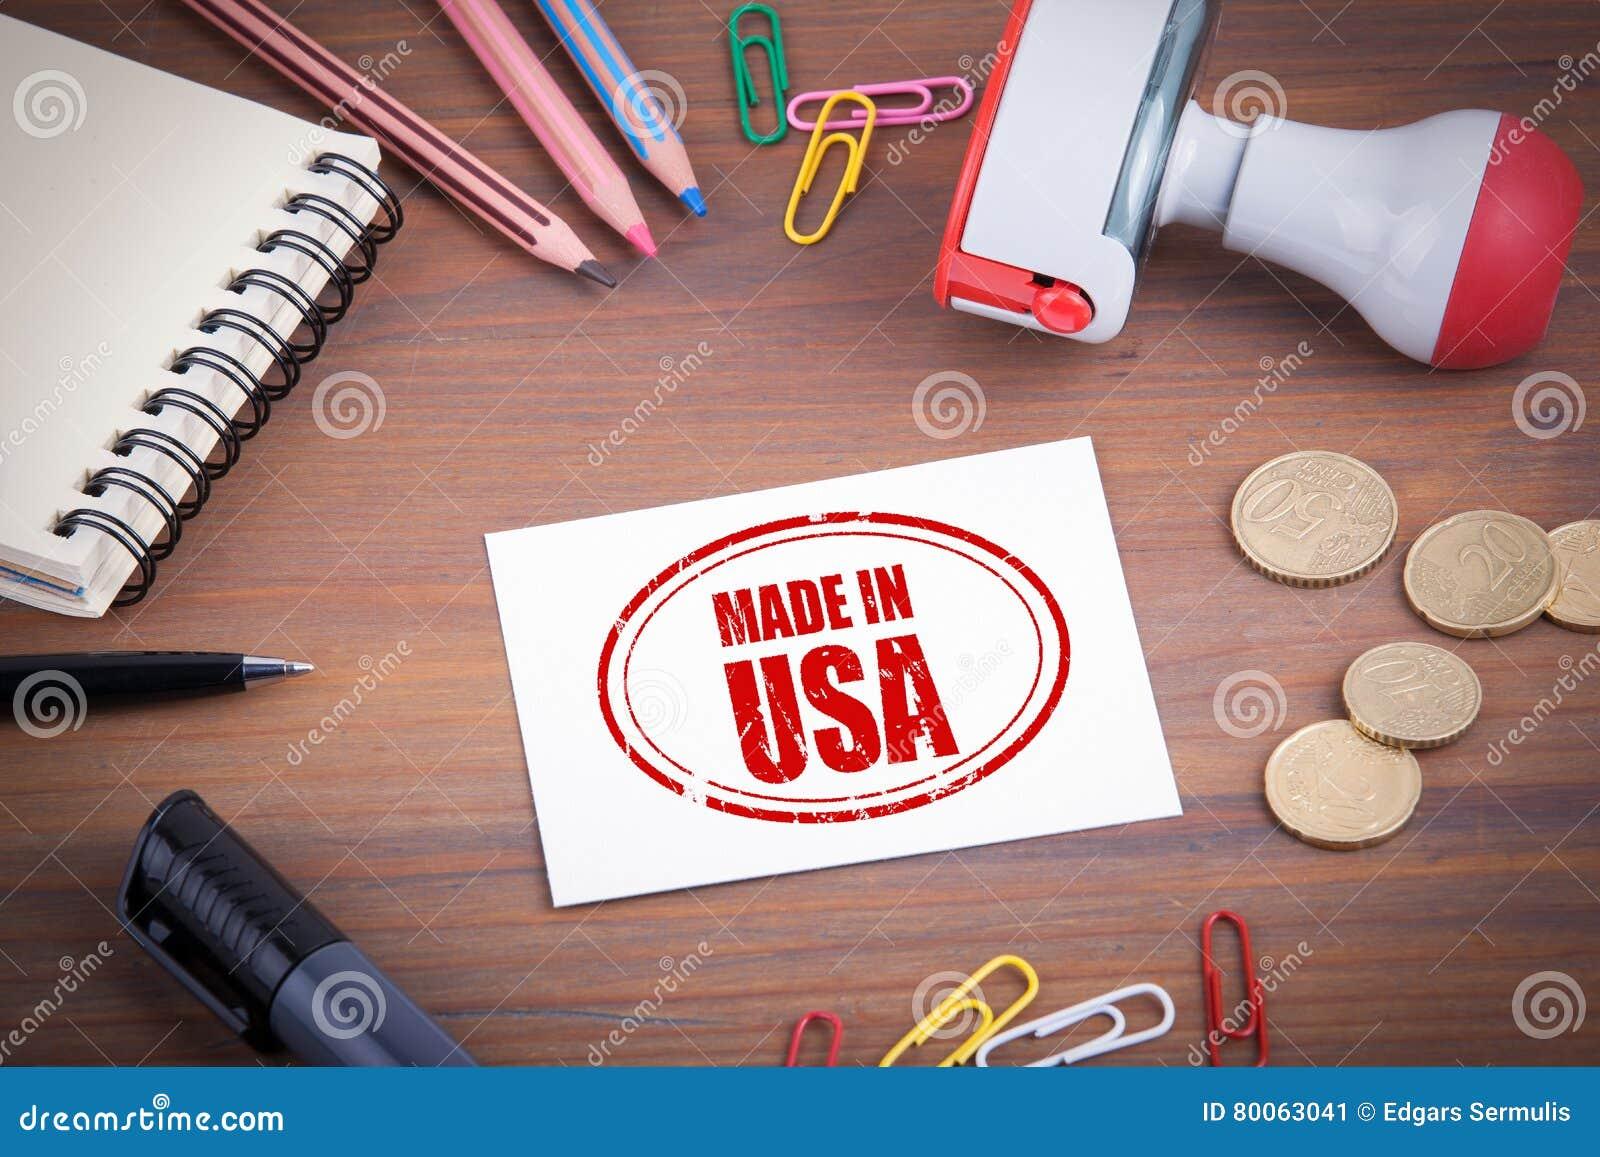 сделанный штемпель США Деревянный стол офиса с канцелярскими принадлежностями, деньгами и